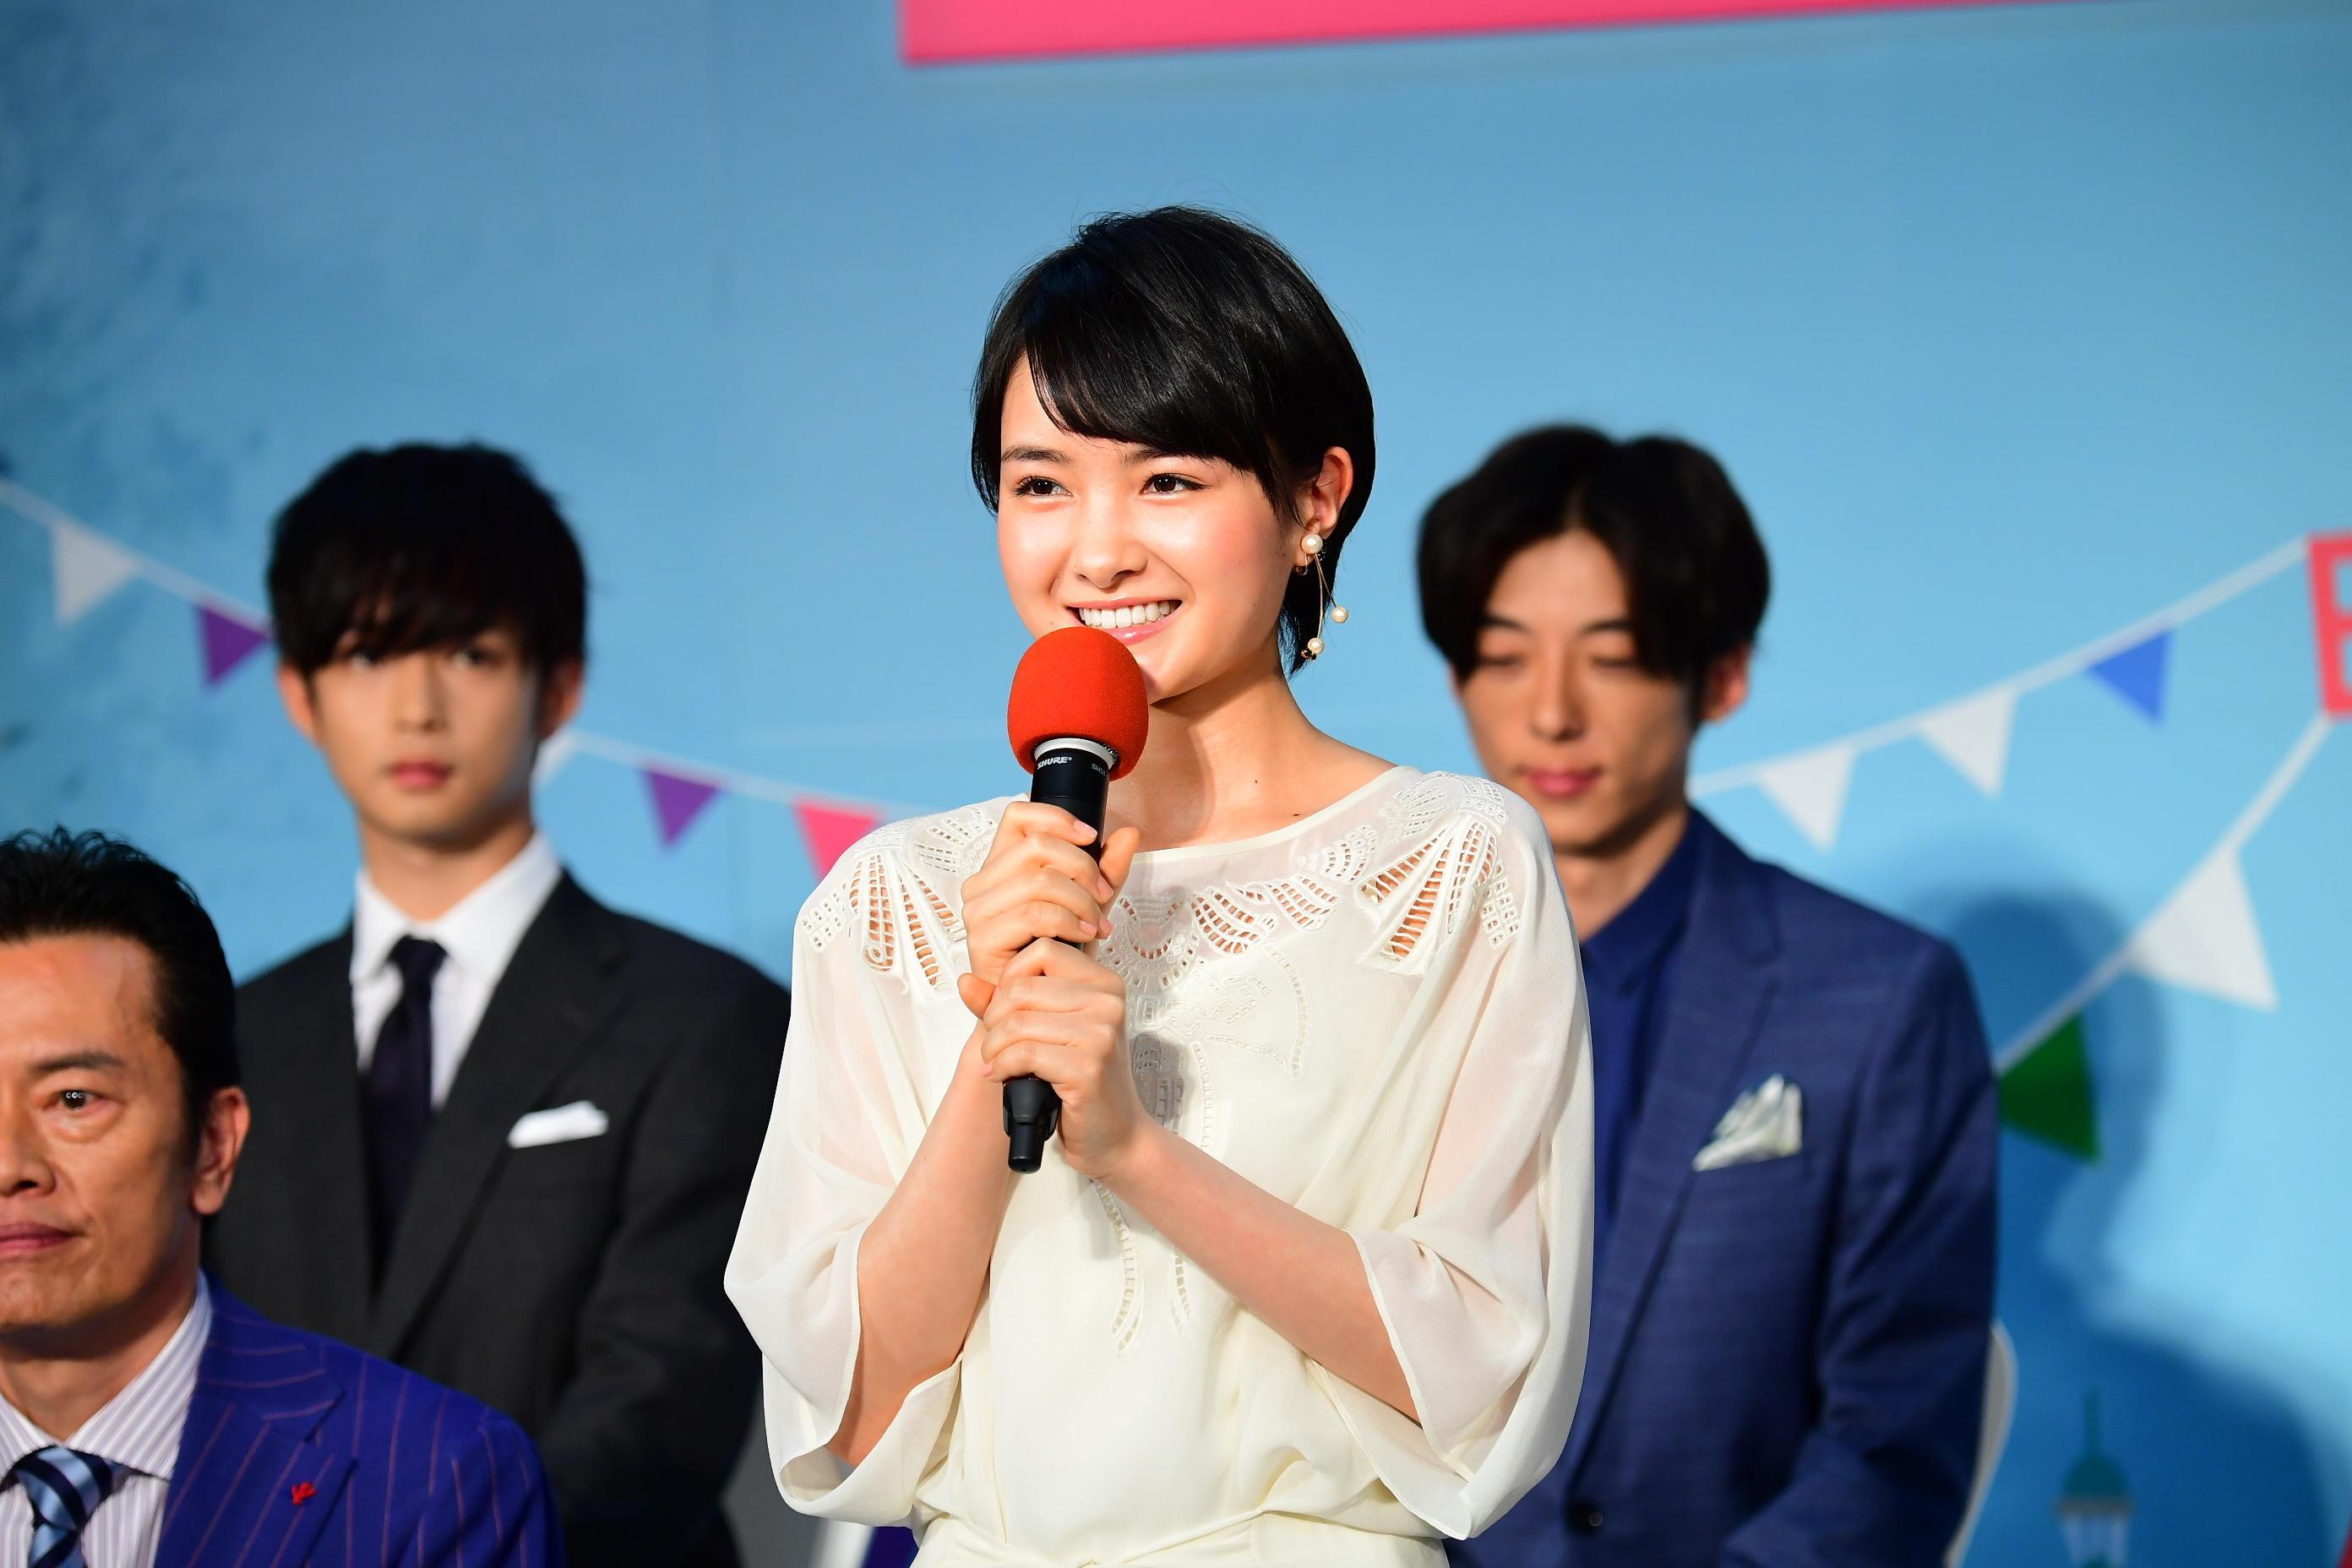 http://news.yoshimoto.co.jp/20170420183543-3f9c088fdb5cbc7011089aa1e55574e166b7f023.jpg